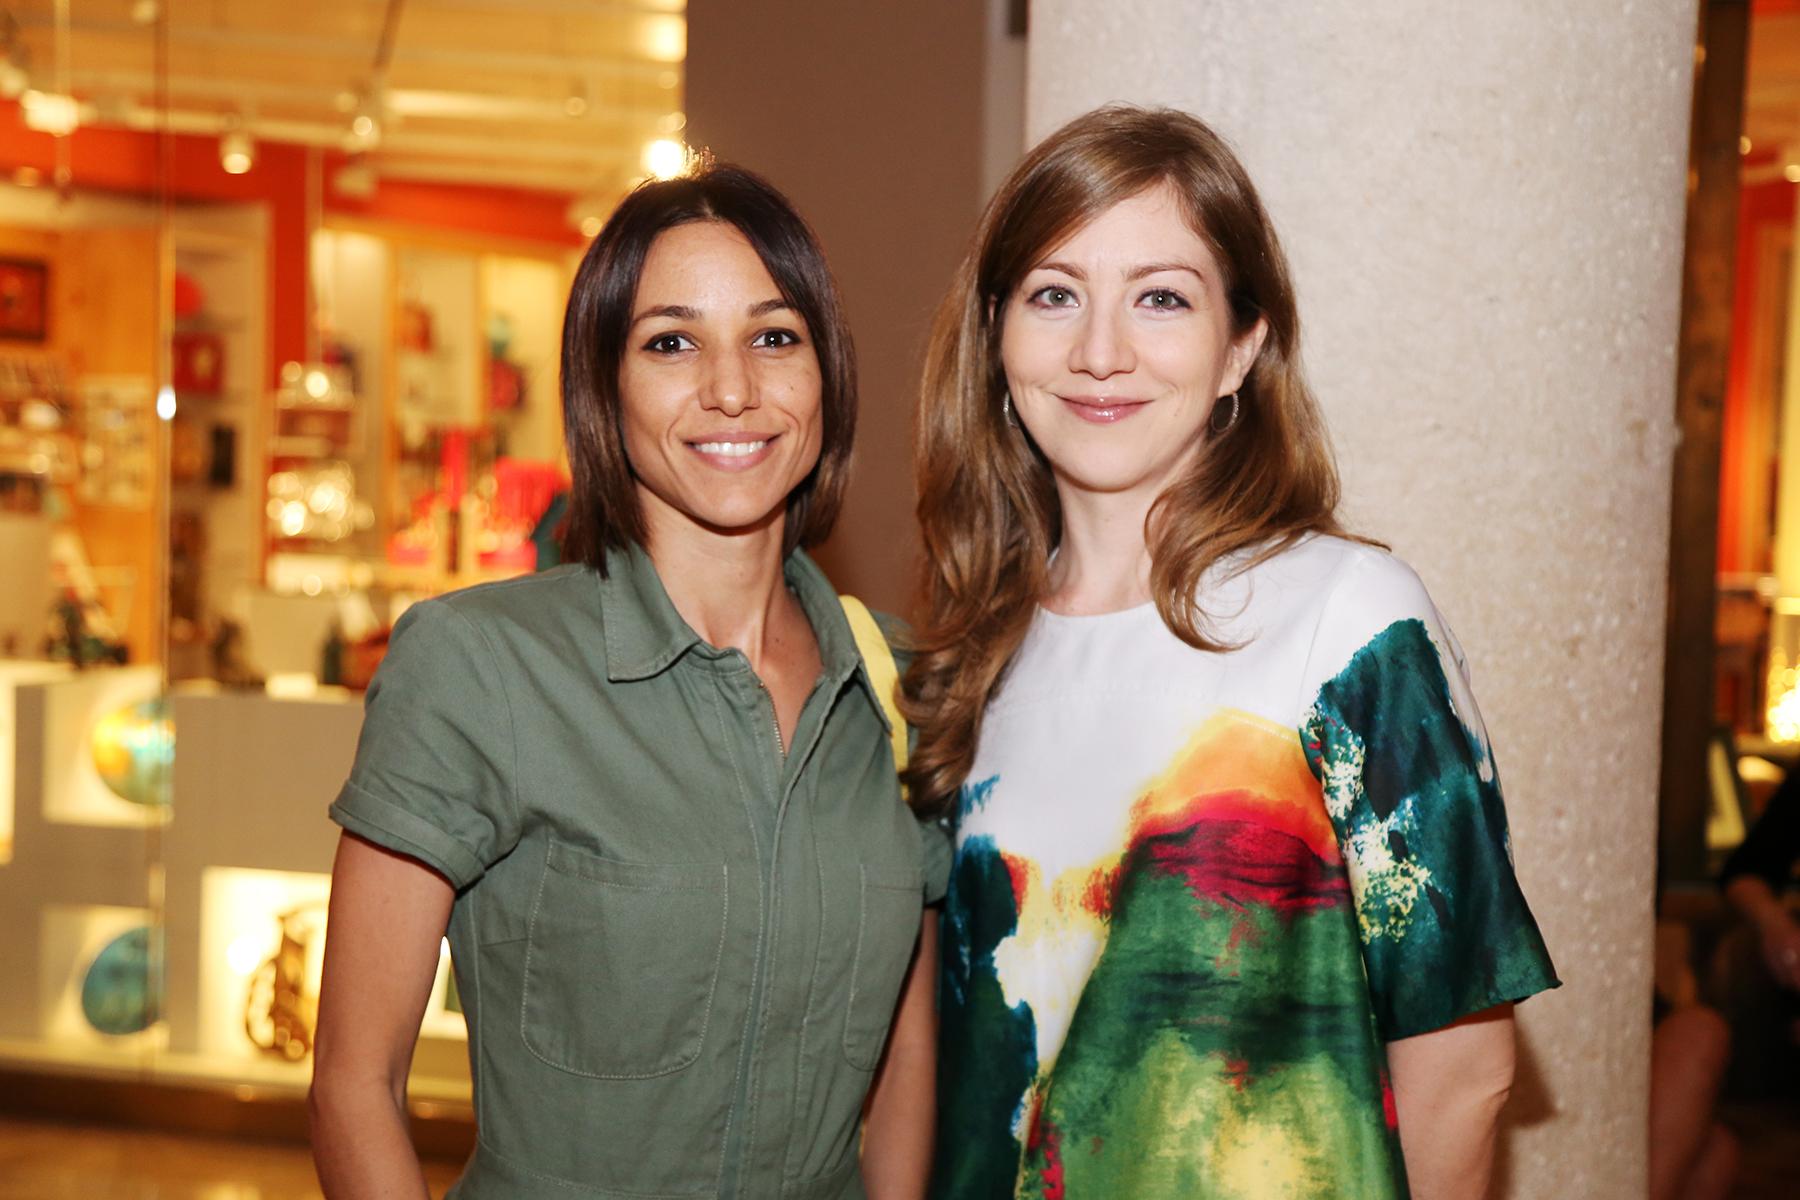 Rosalin Suero y María Rodríguez. Foto Nichole Saldarriaga